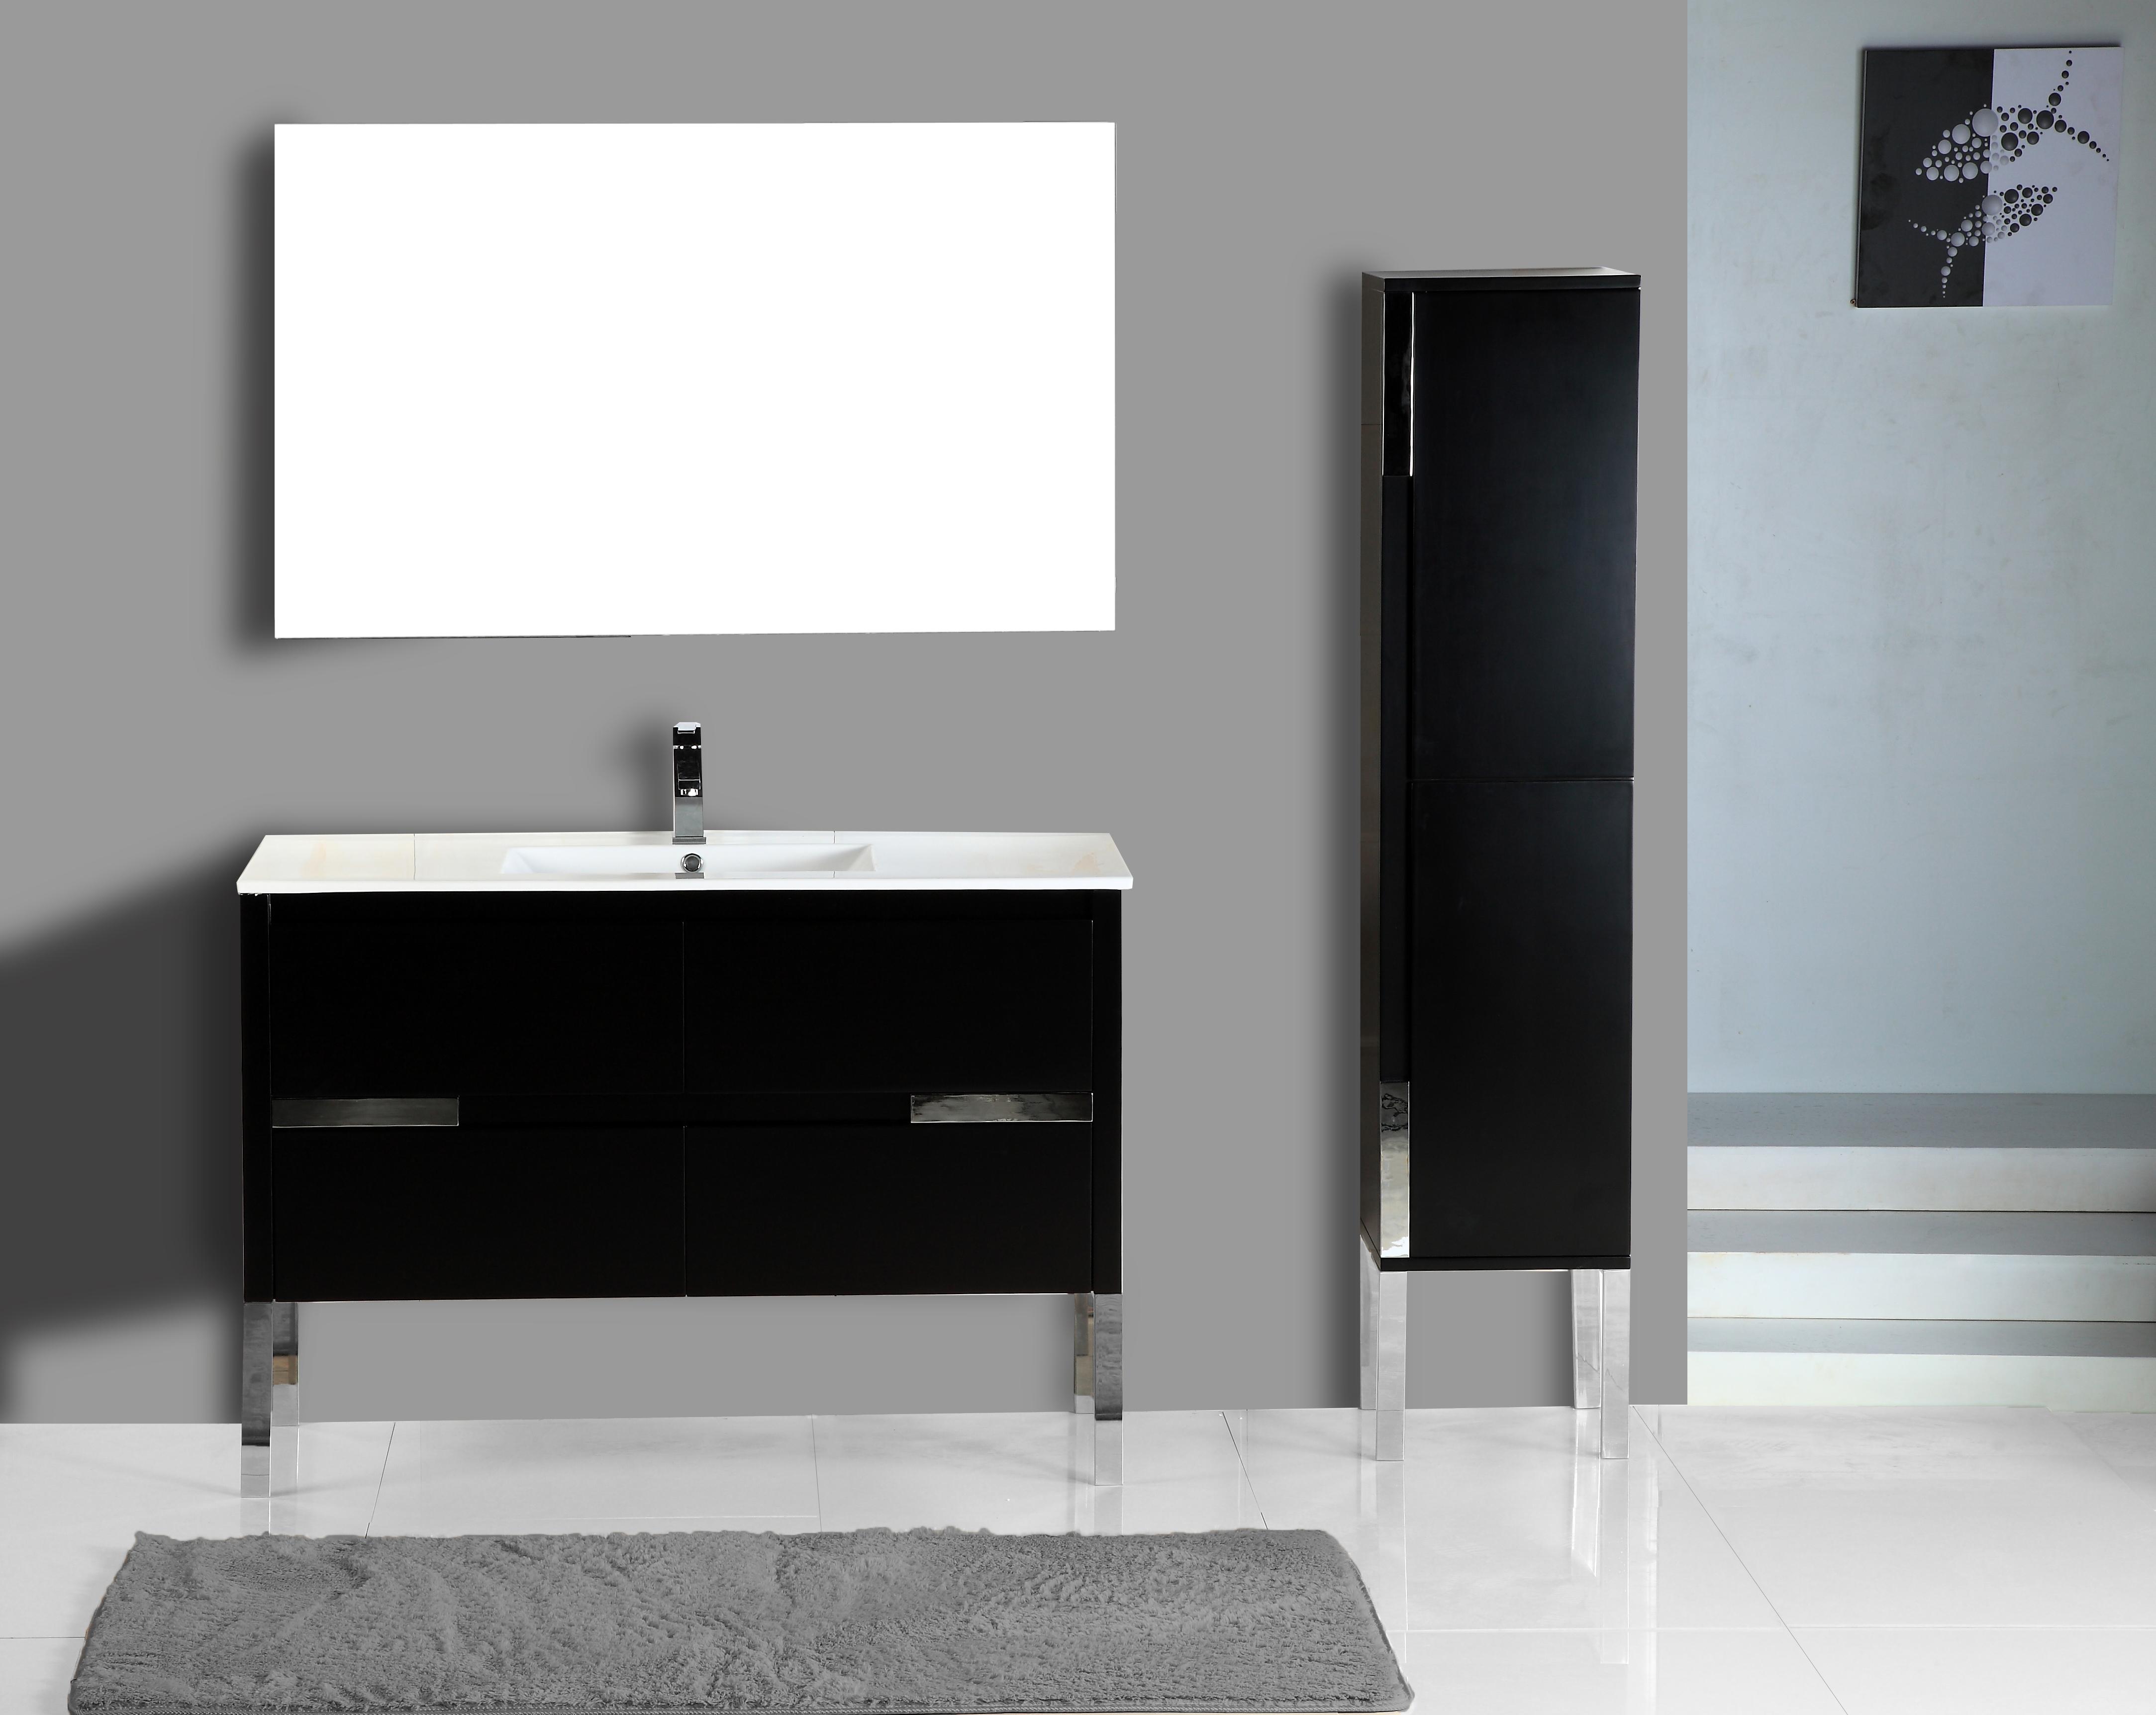 Bathroom cabinets homebase in fl deebonk for Bathroom cabinets homebase